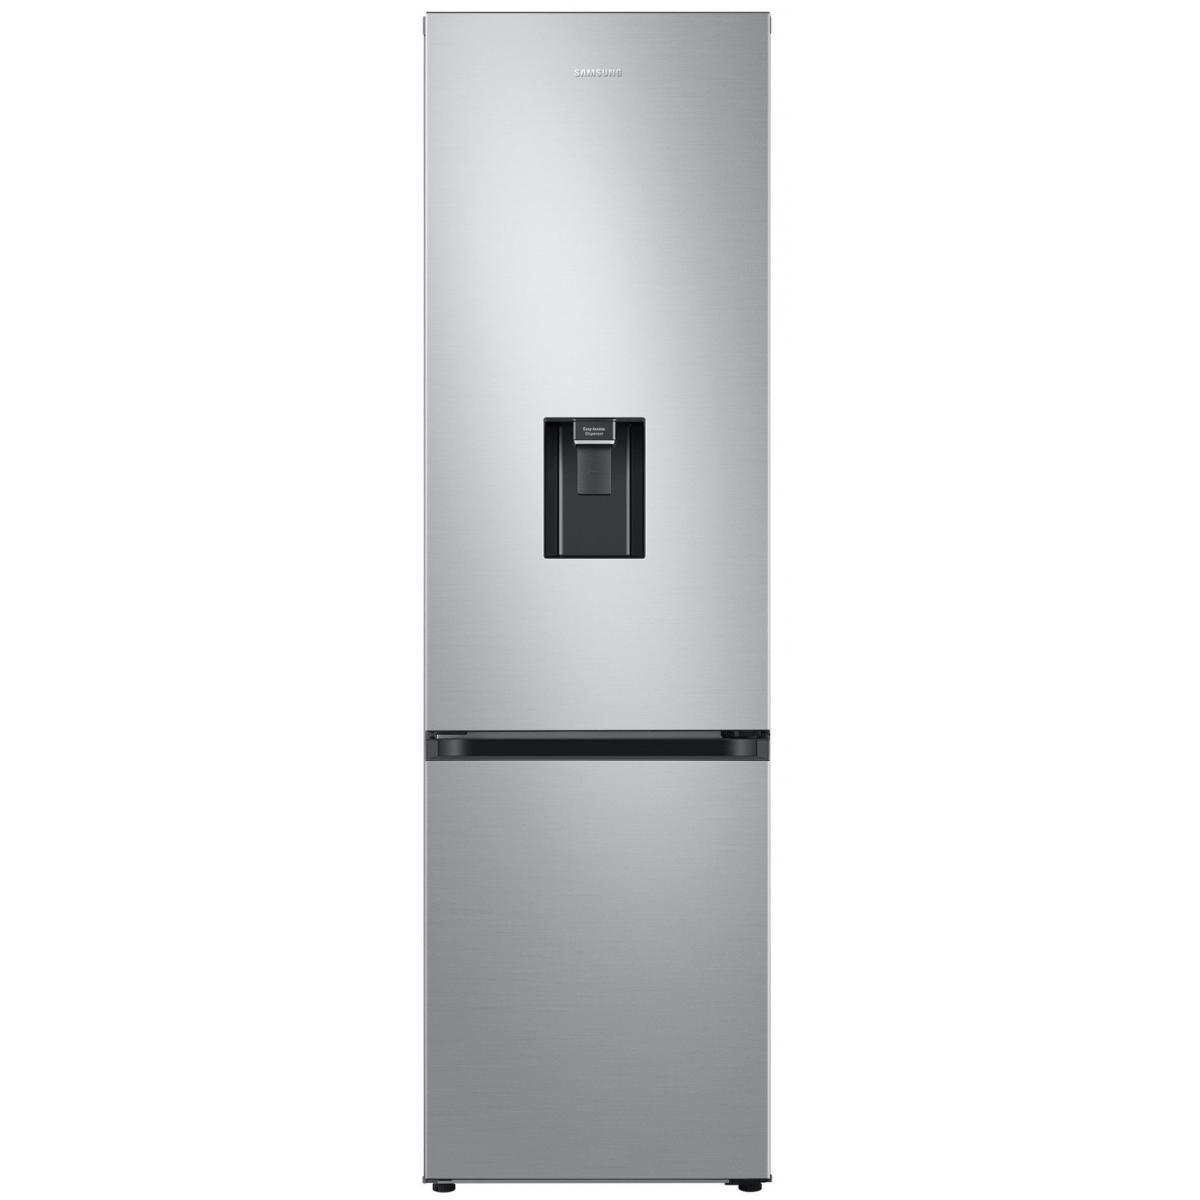 Samsung Réfrigérateur combiné 376L Froid Ventilé SAMSUNG 59.5cm A++, RB 3 ET 632 ESA